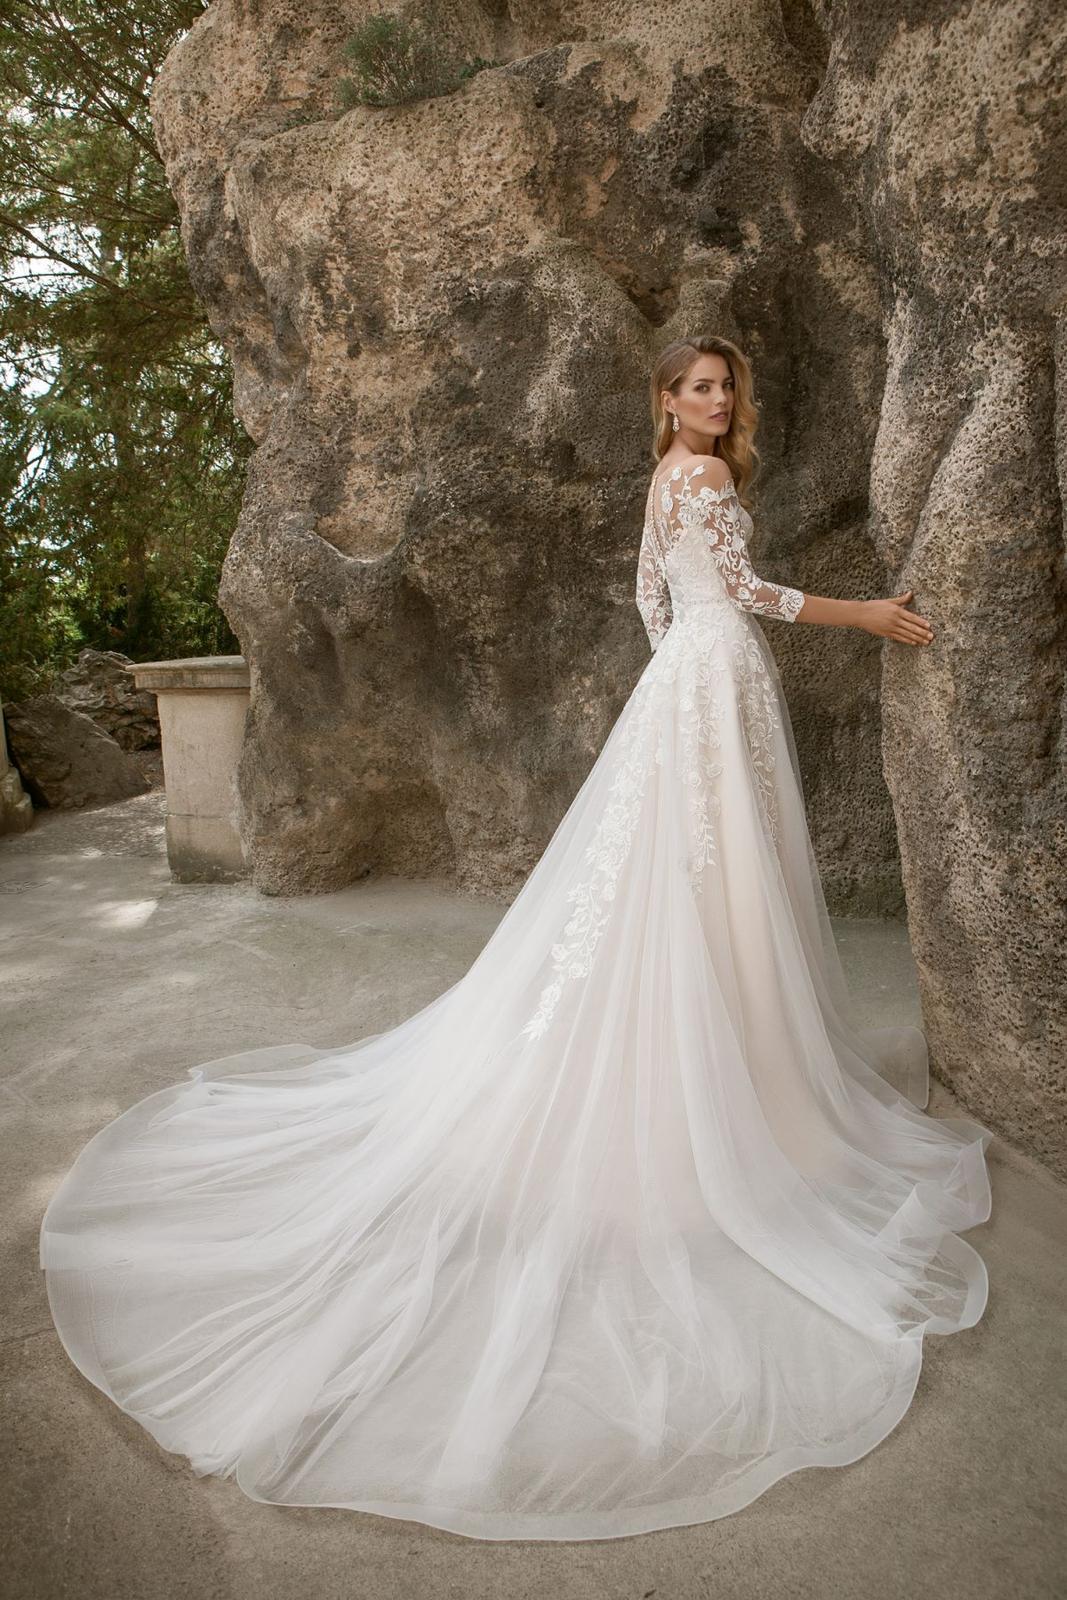 Eva Grandes princeznovské svatební šaty - Constance záda svatební šaty v boho stylu